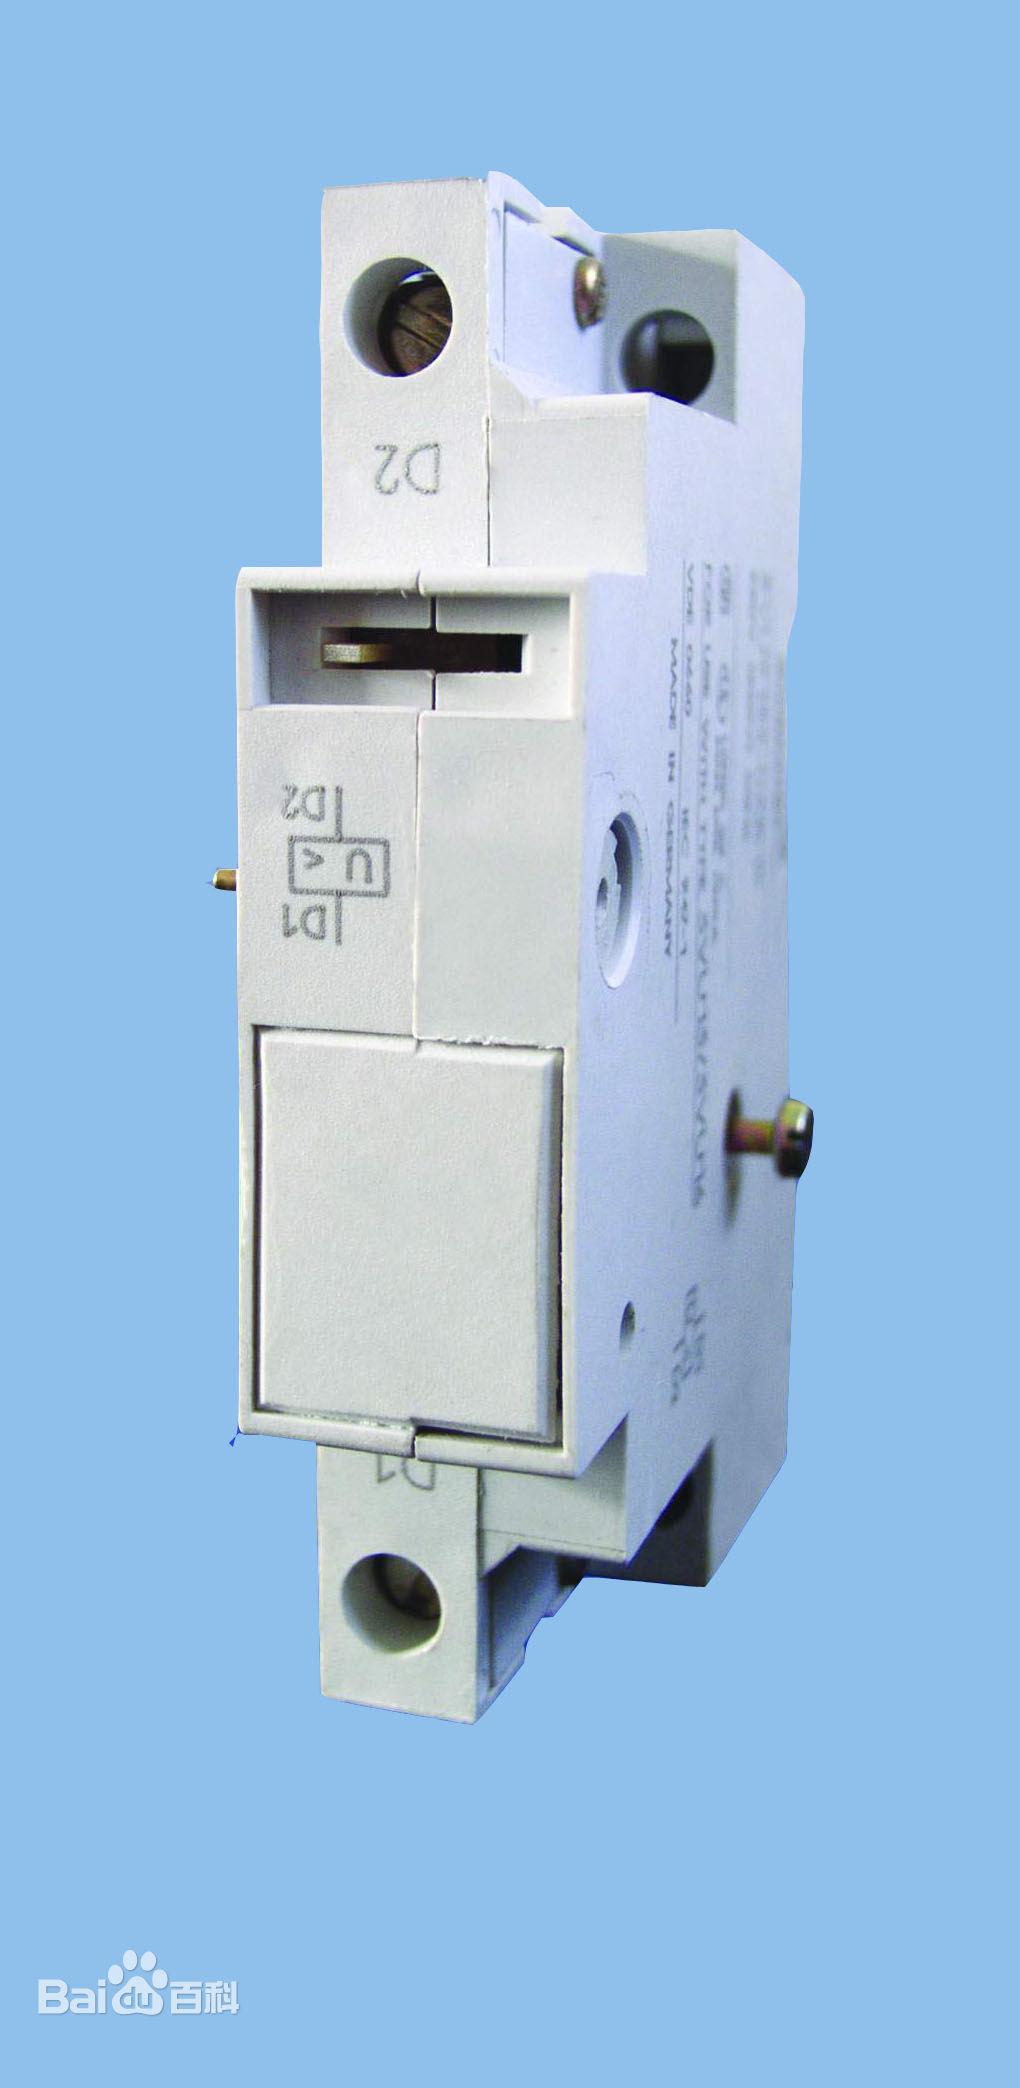 电力参数测量及电能计量为一体,提供通讯接口与计算机监控系统连接